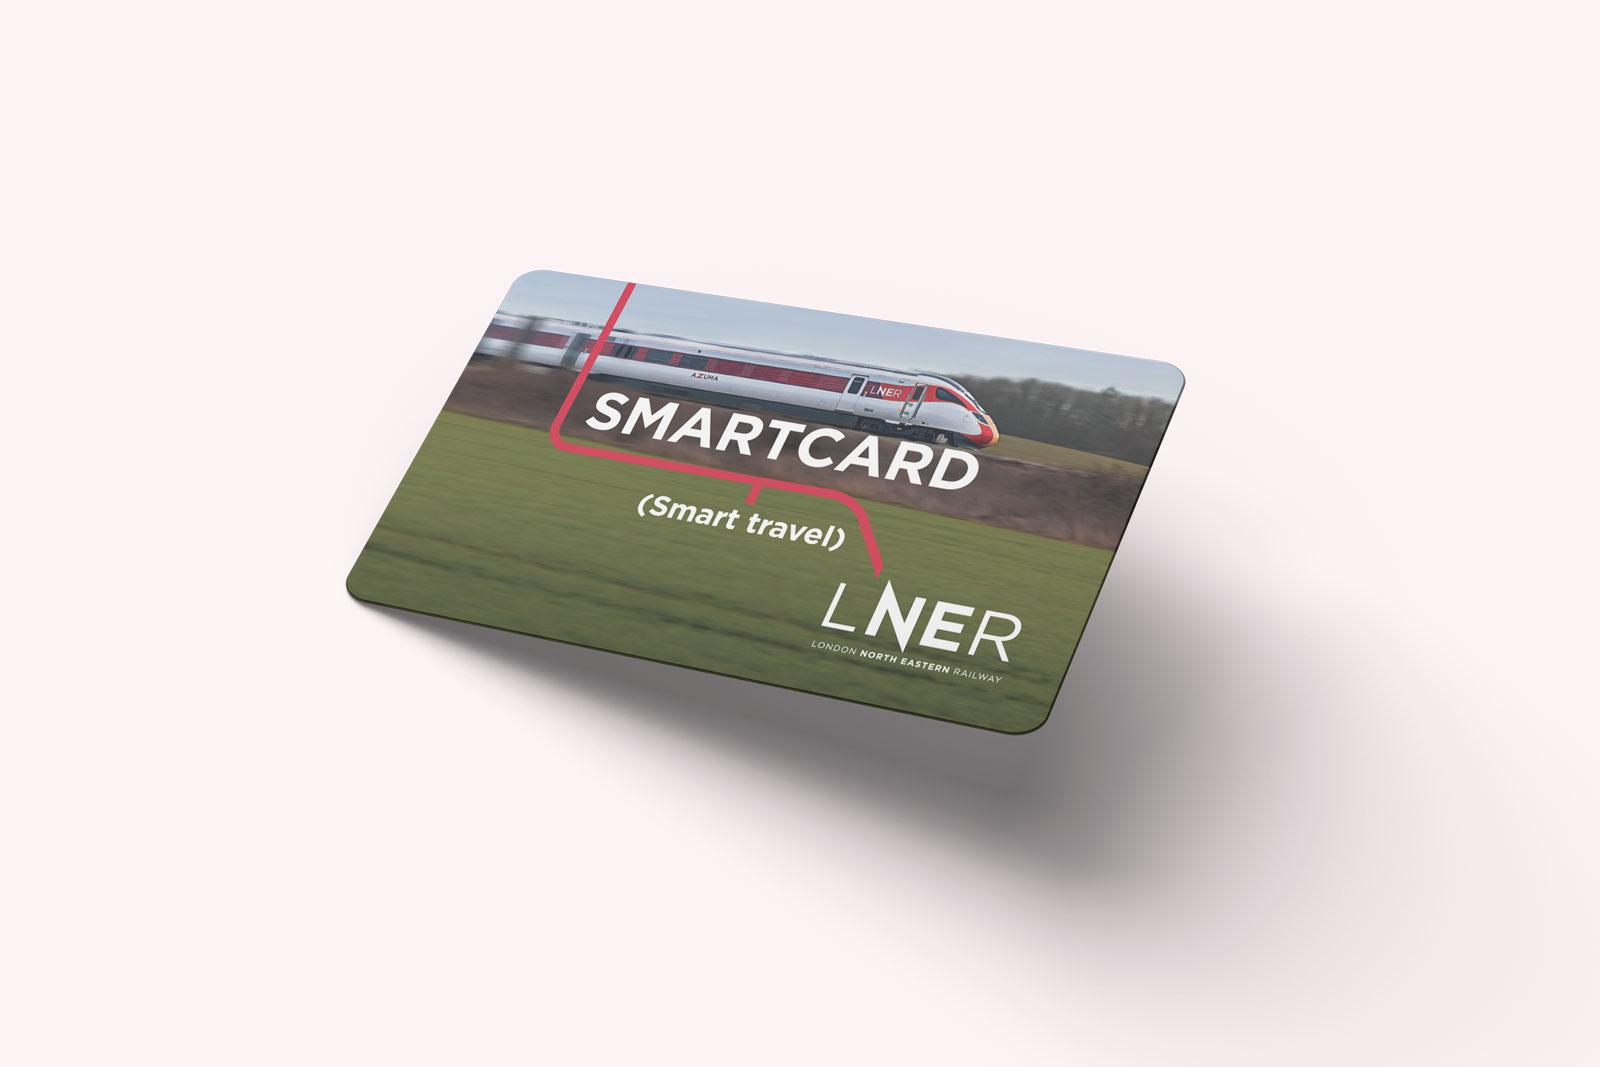 LNER-Smartcard.jpg